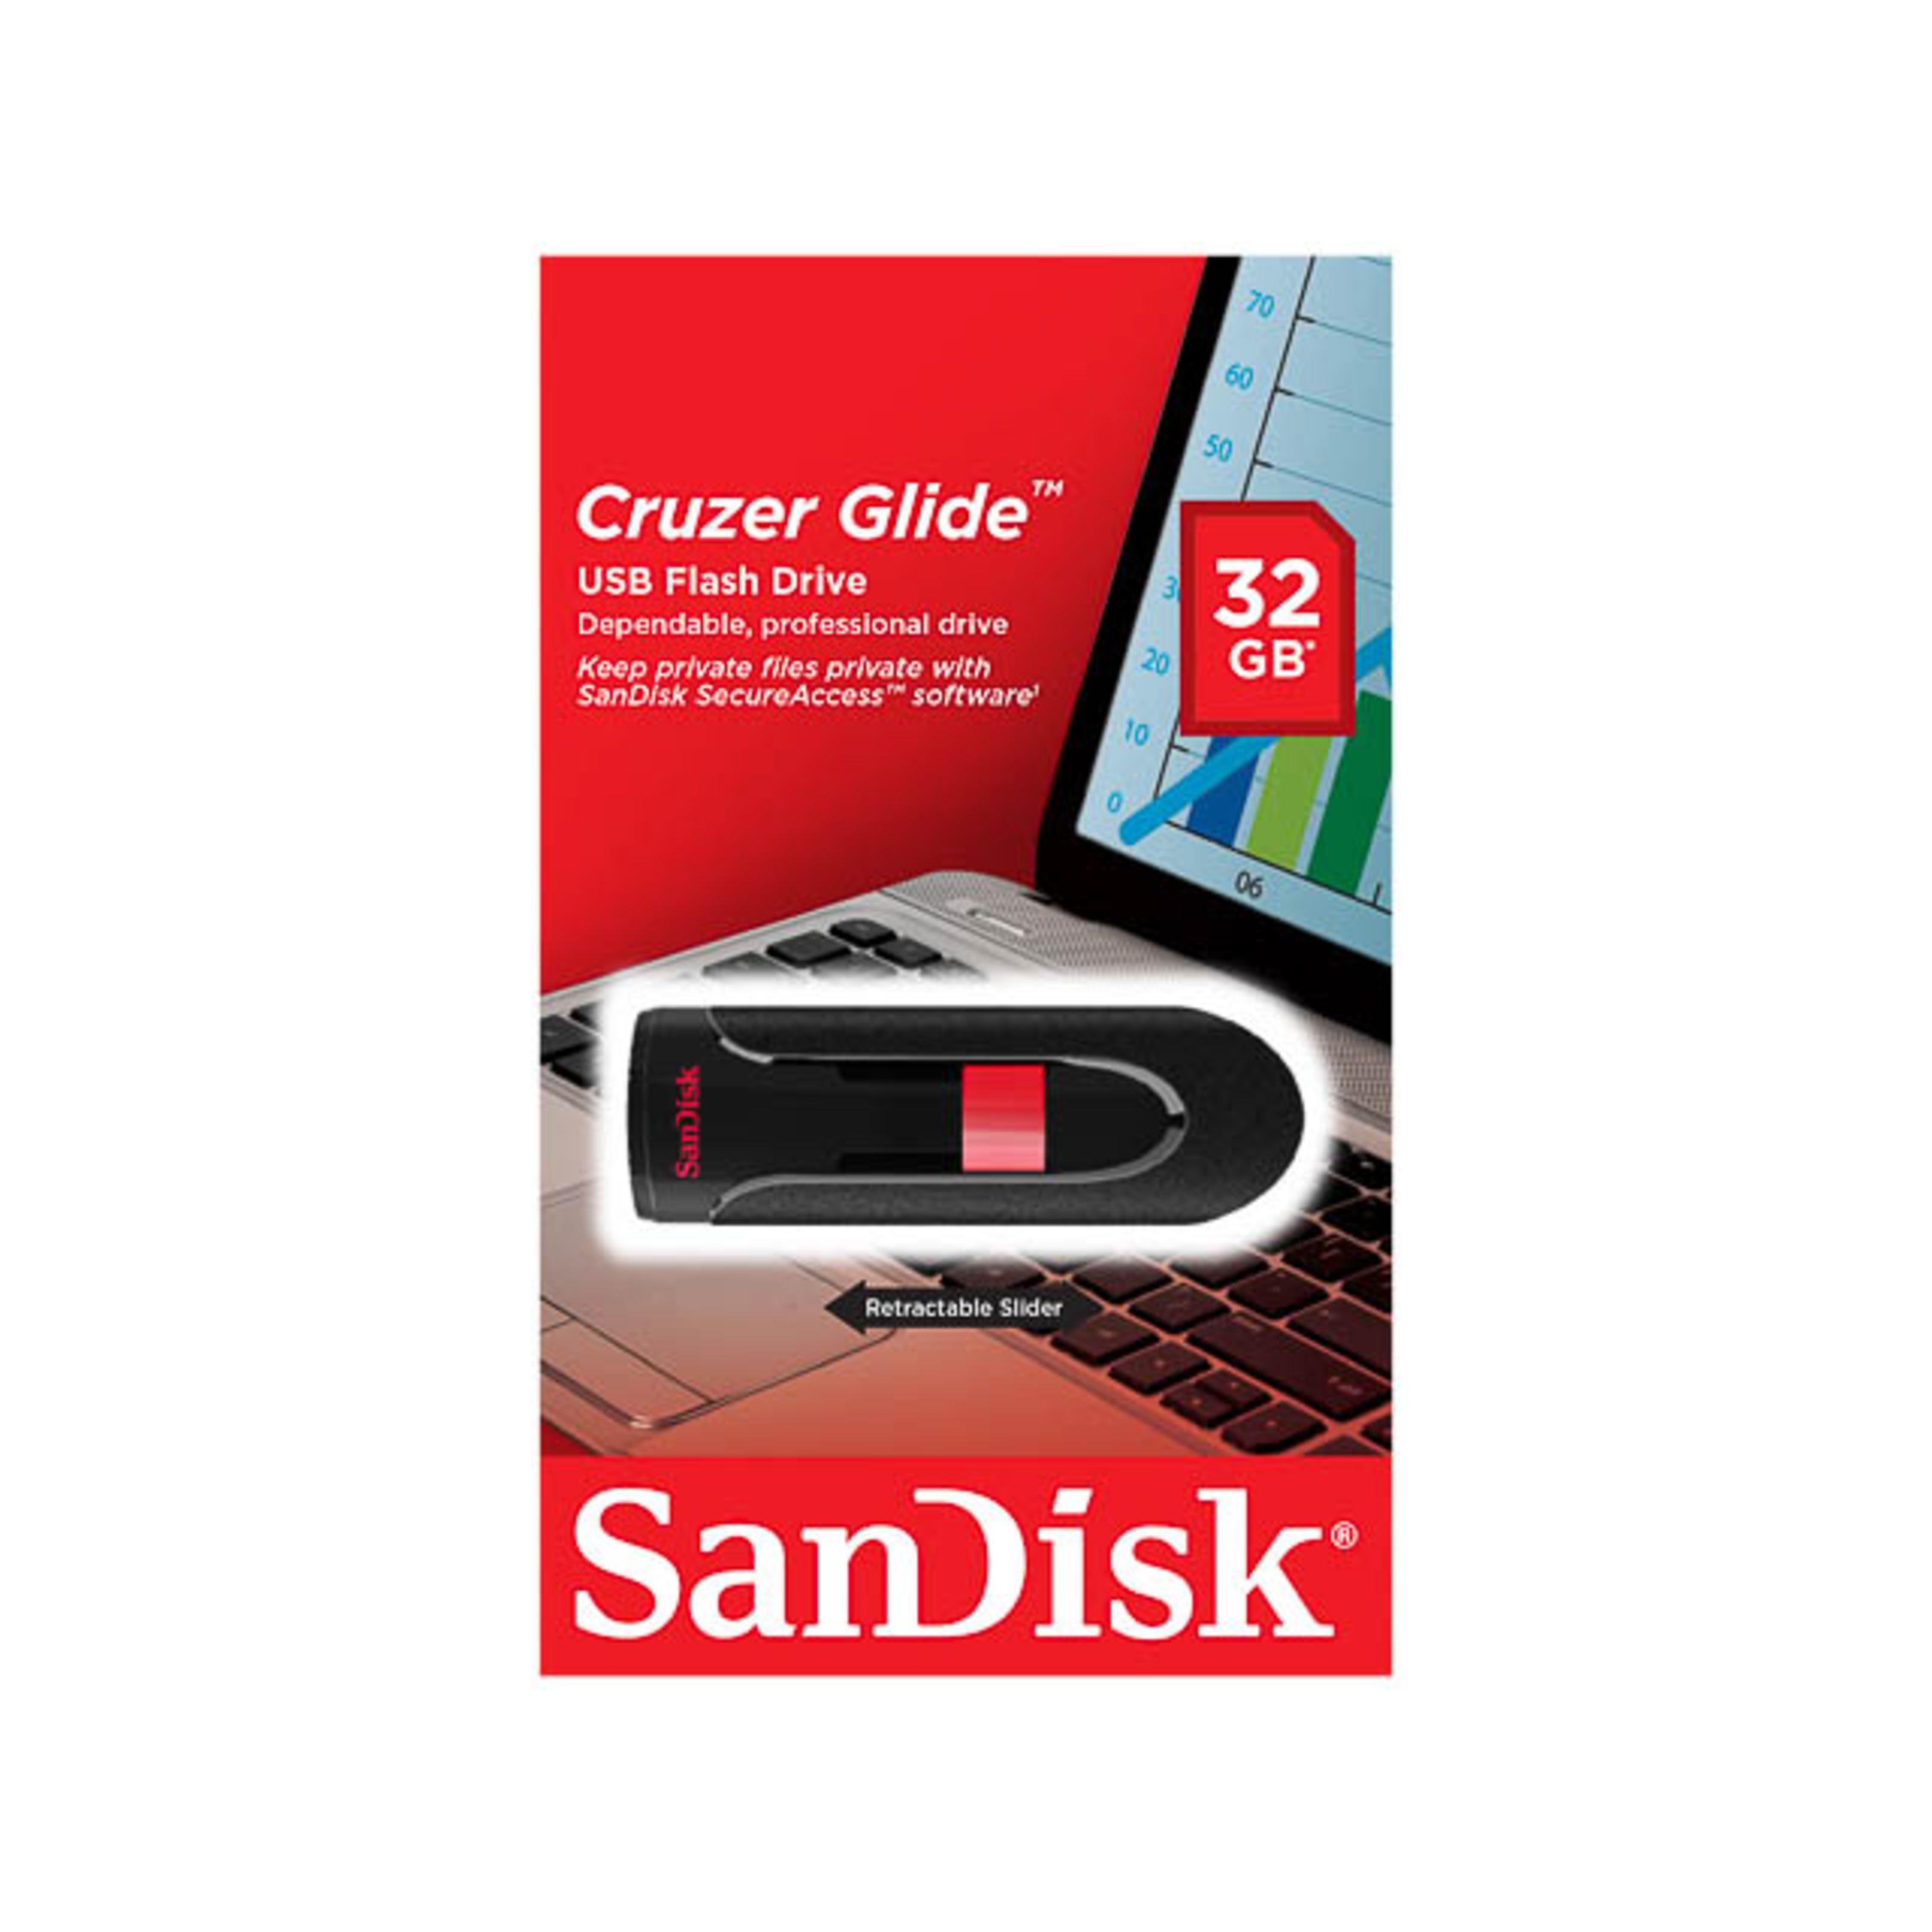 sandisk cruzer glide usb 2 0 stick 32gb